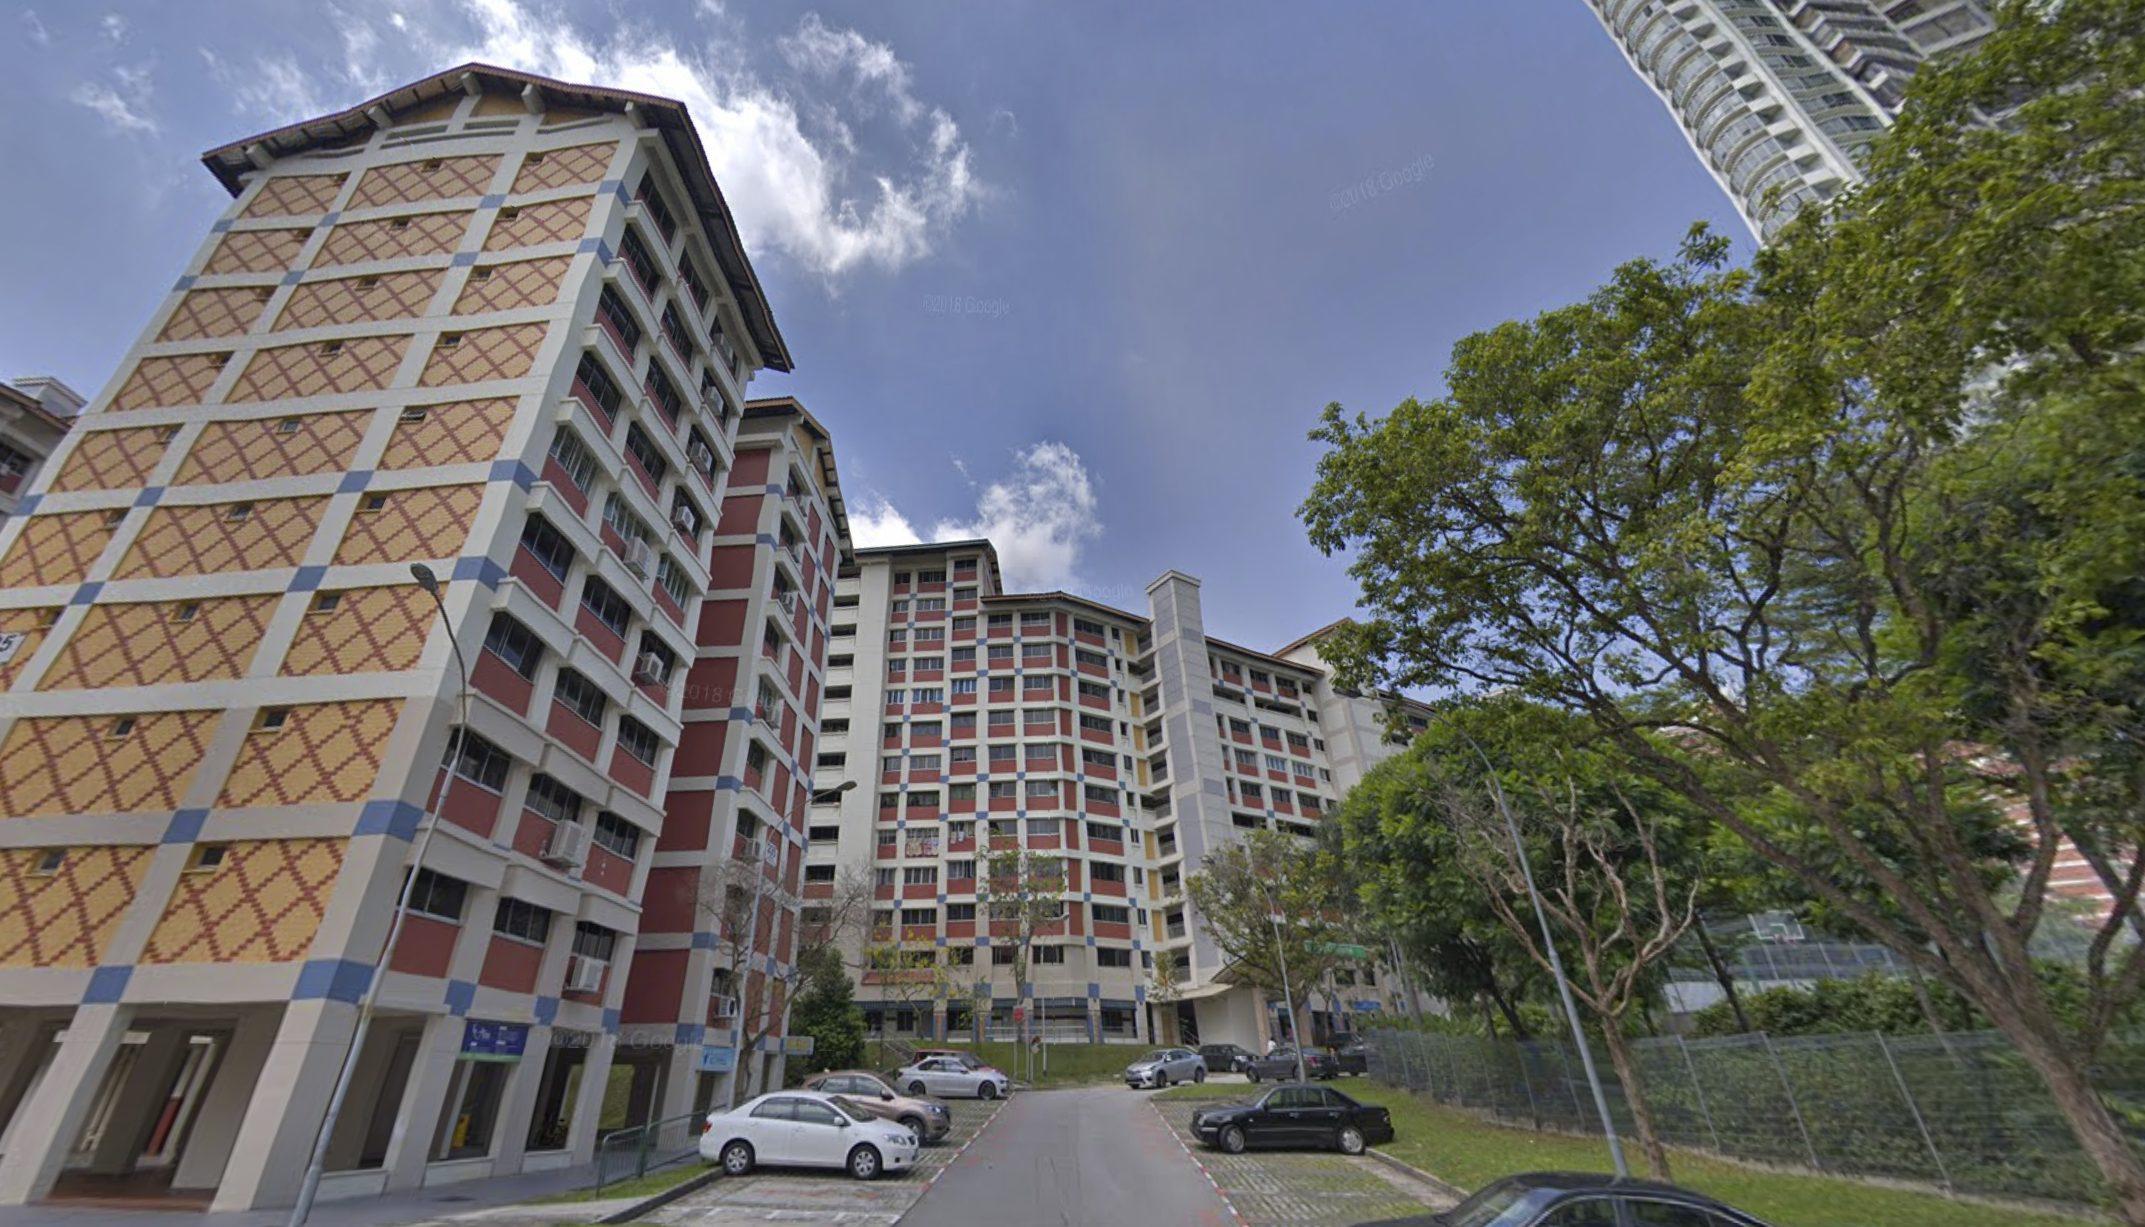 block 233 235 bishan street 22 hdb flats